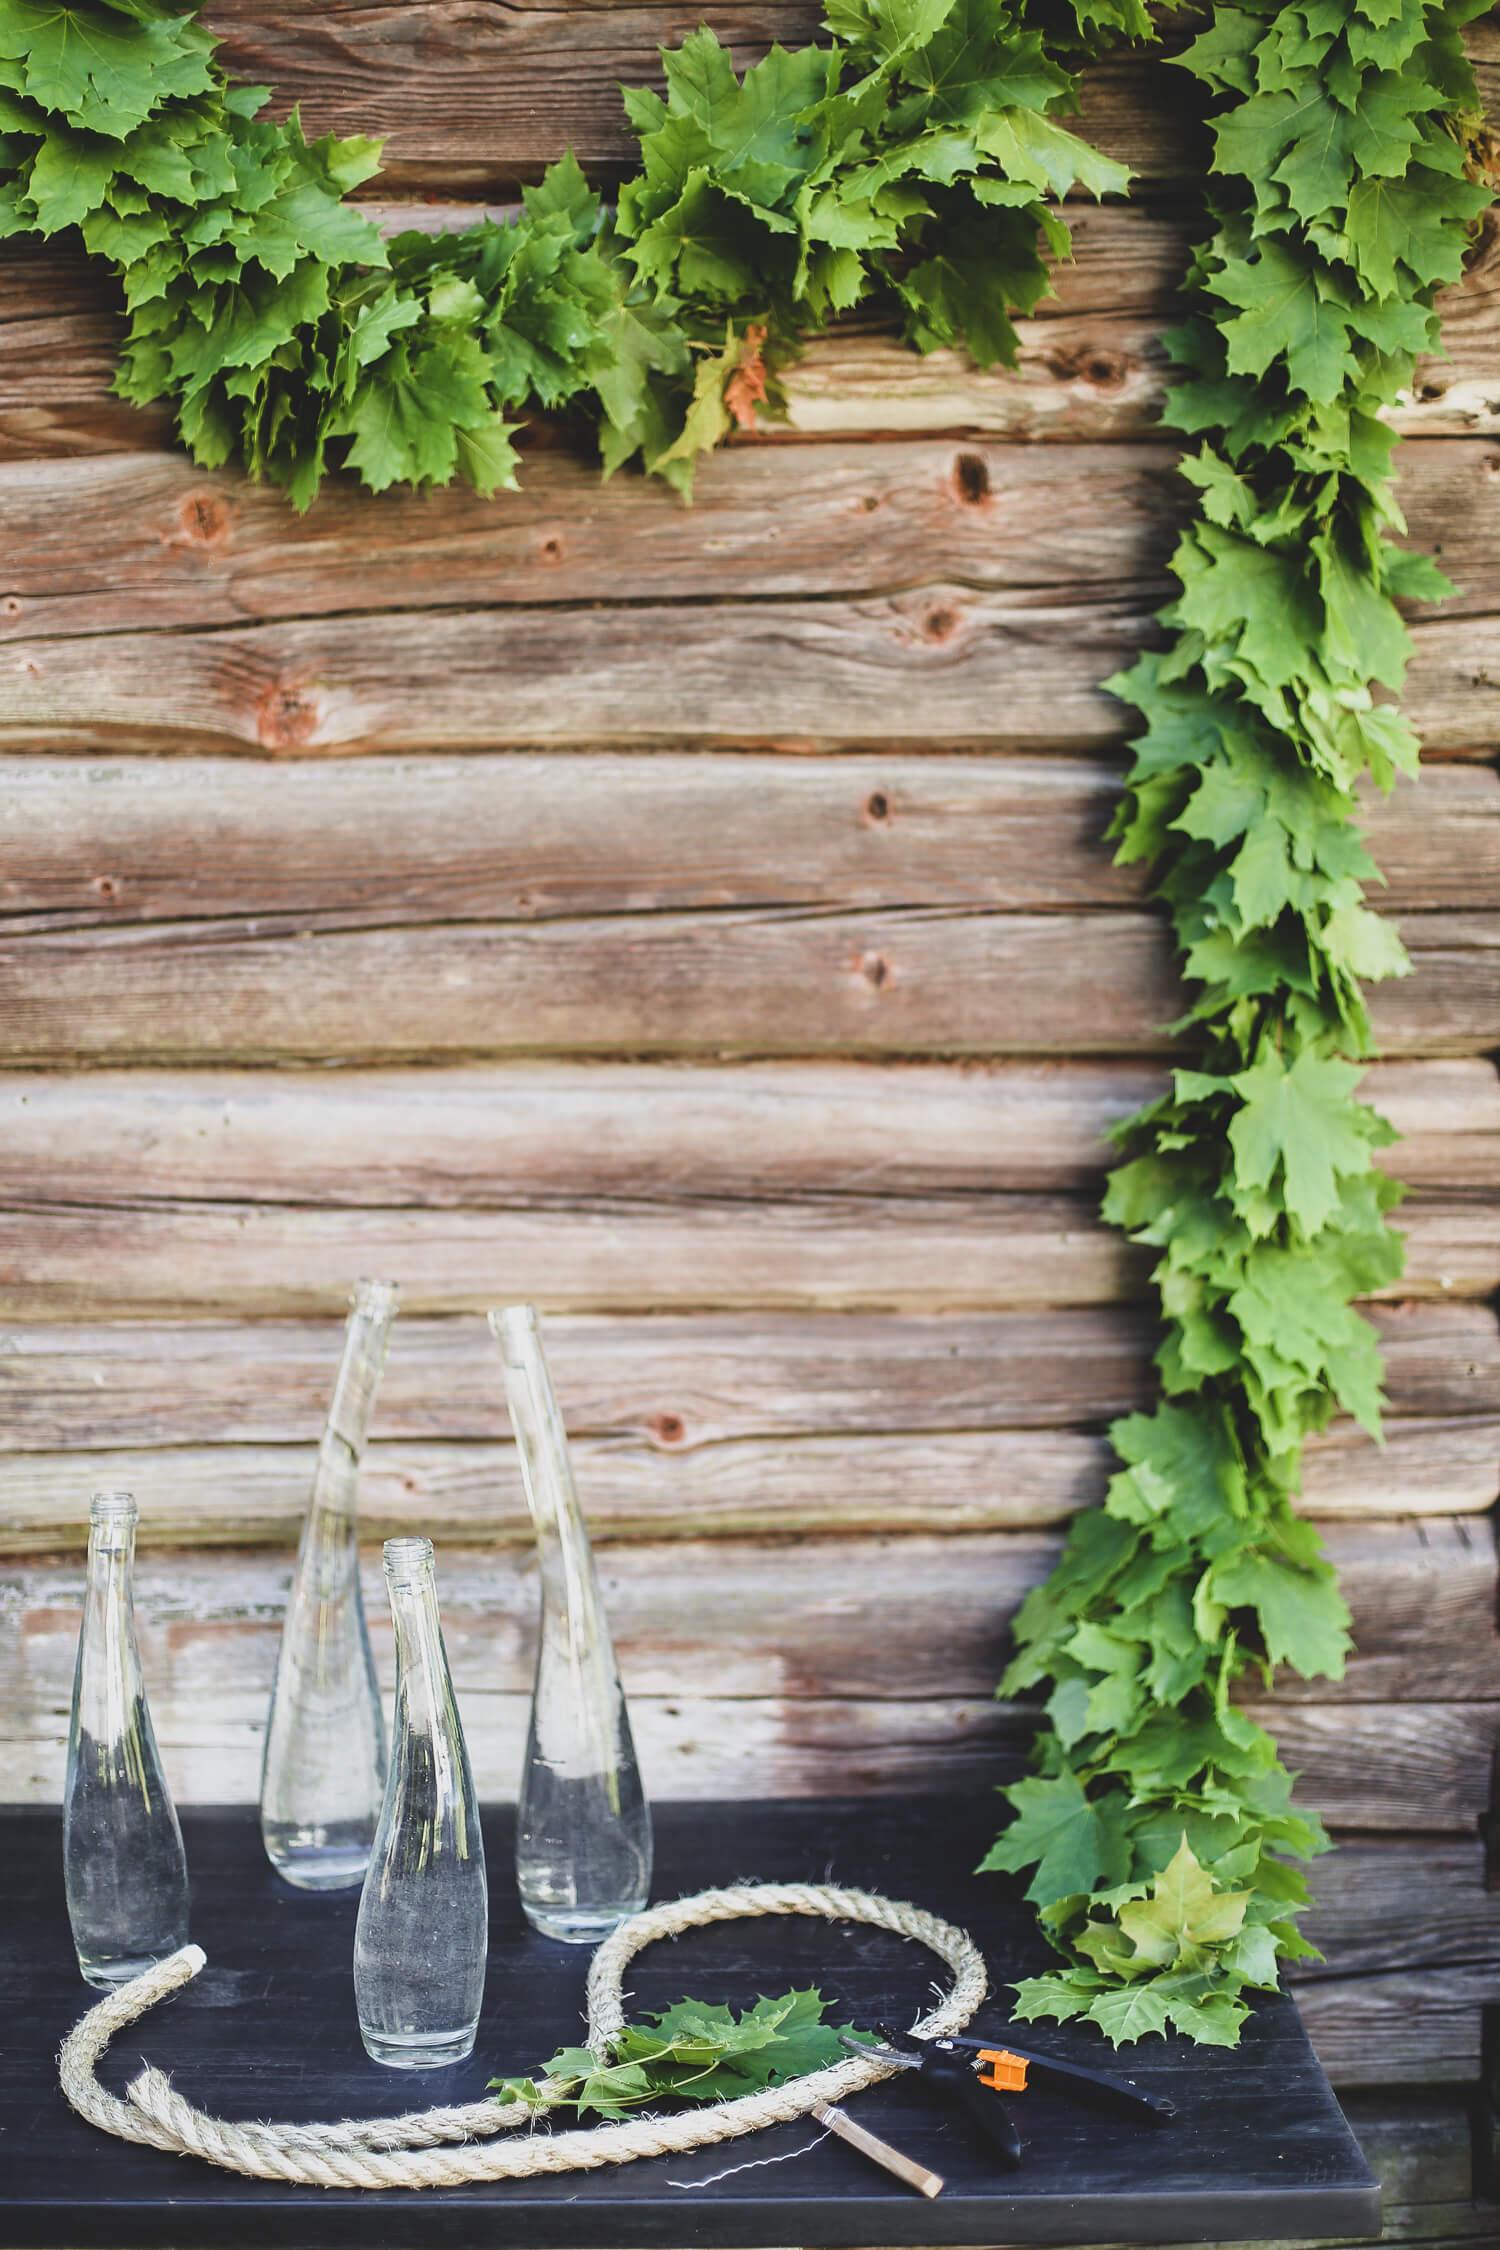 """juhannuksena voi tehdä """"juhannusvaahteraköynnöksen"""" pöytään tai seinälle"""